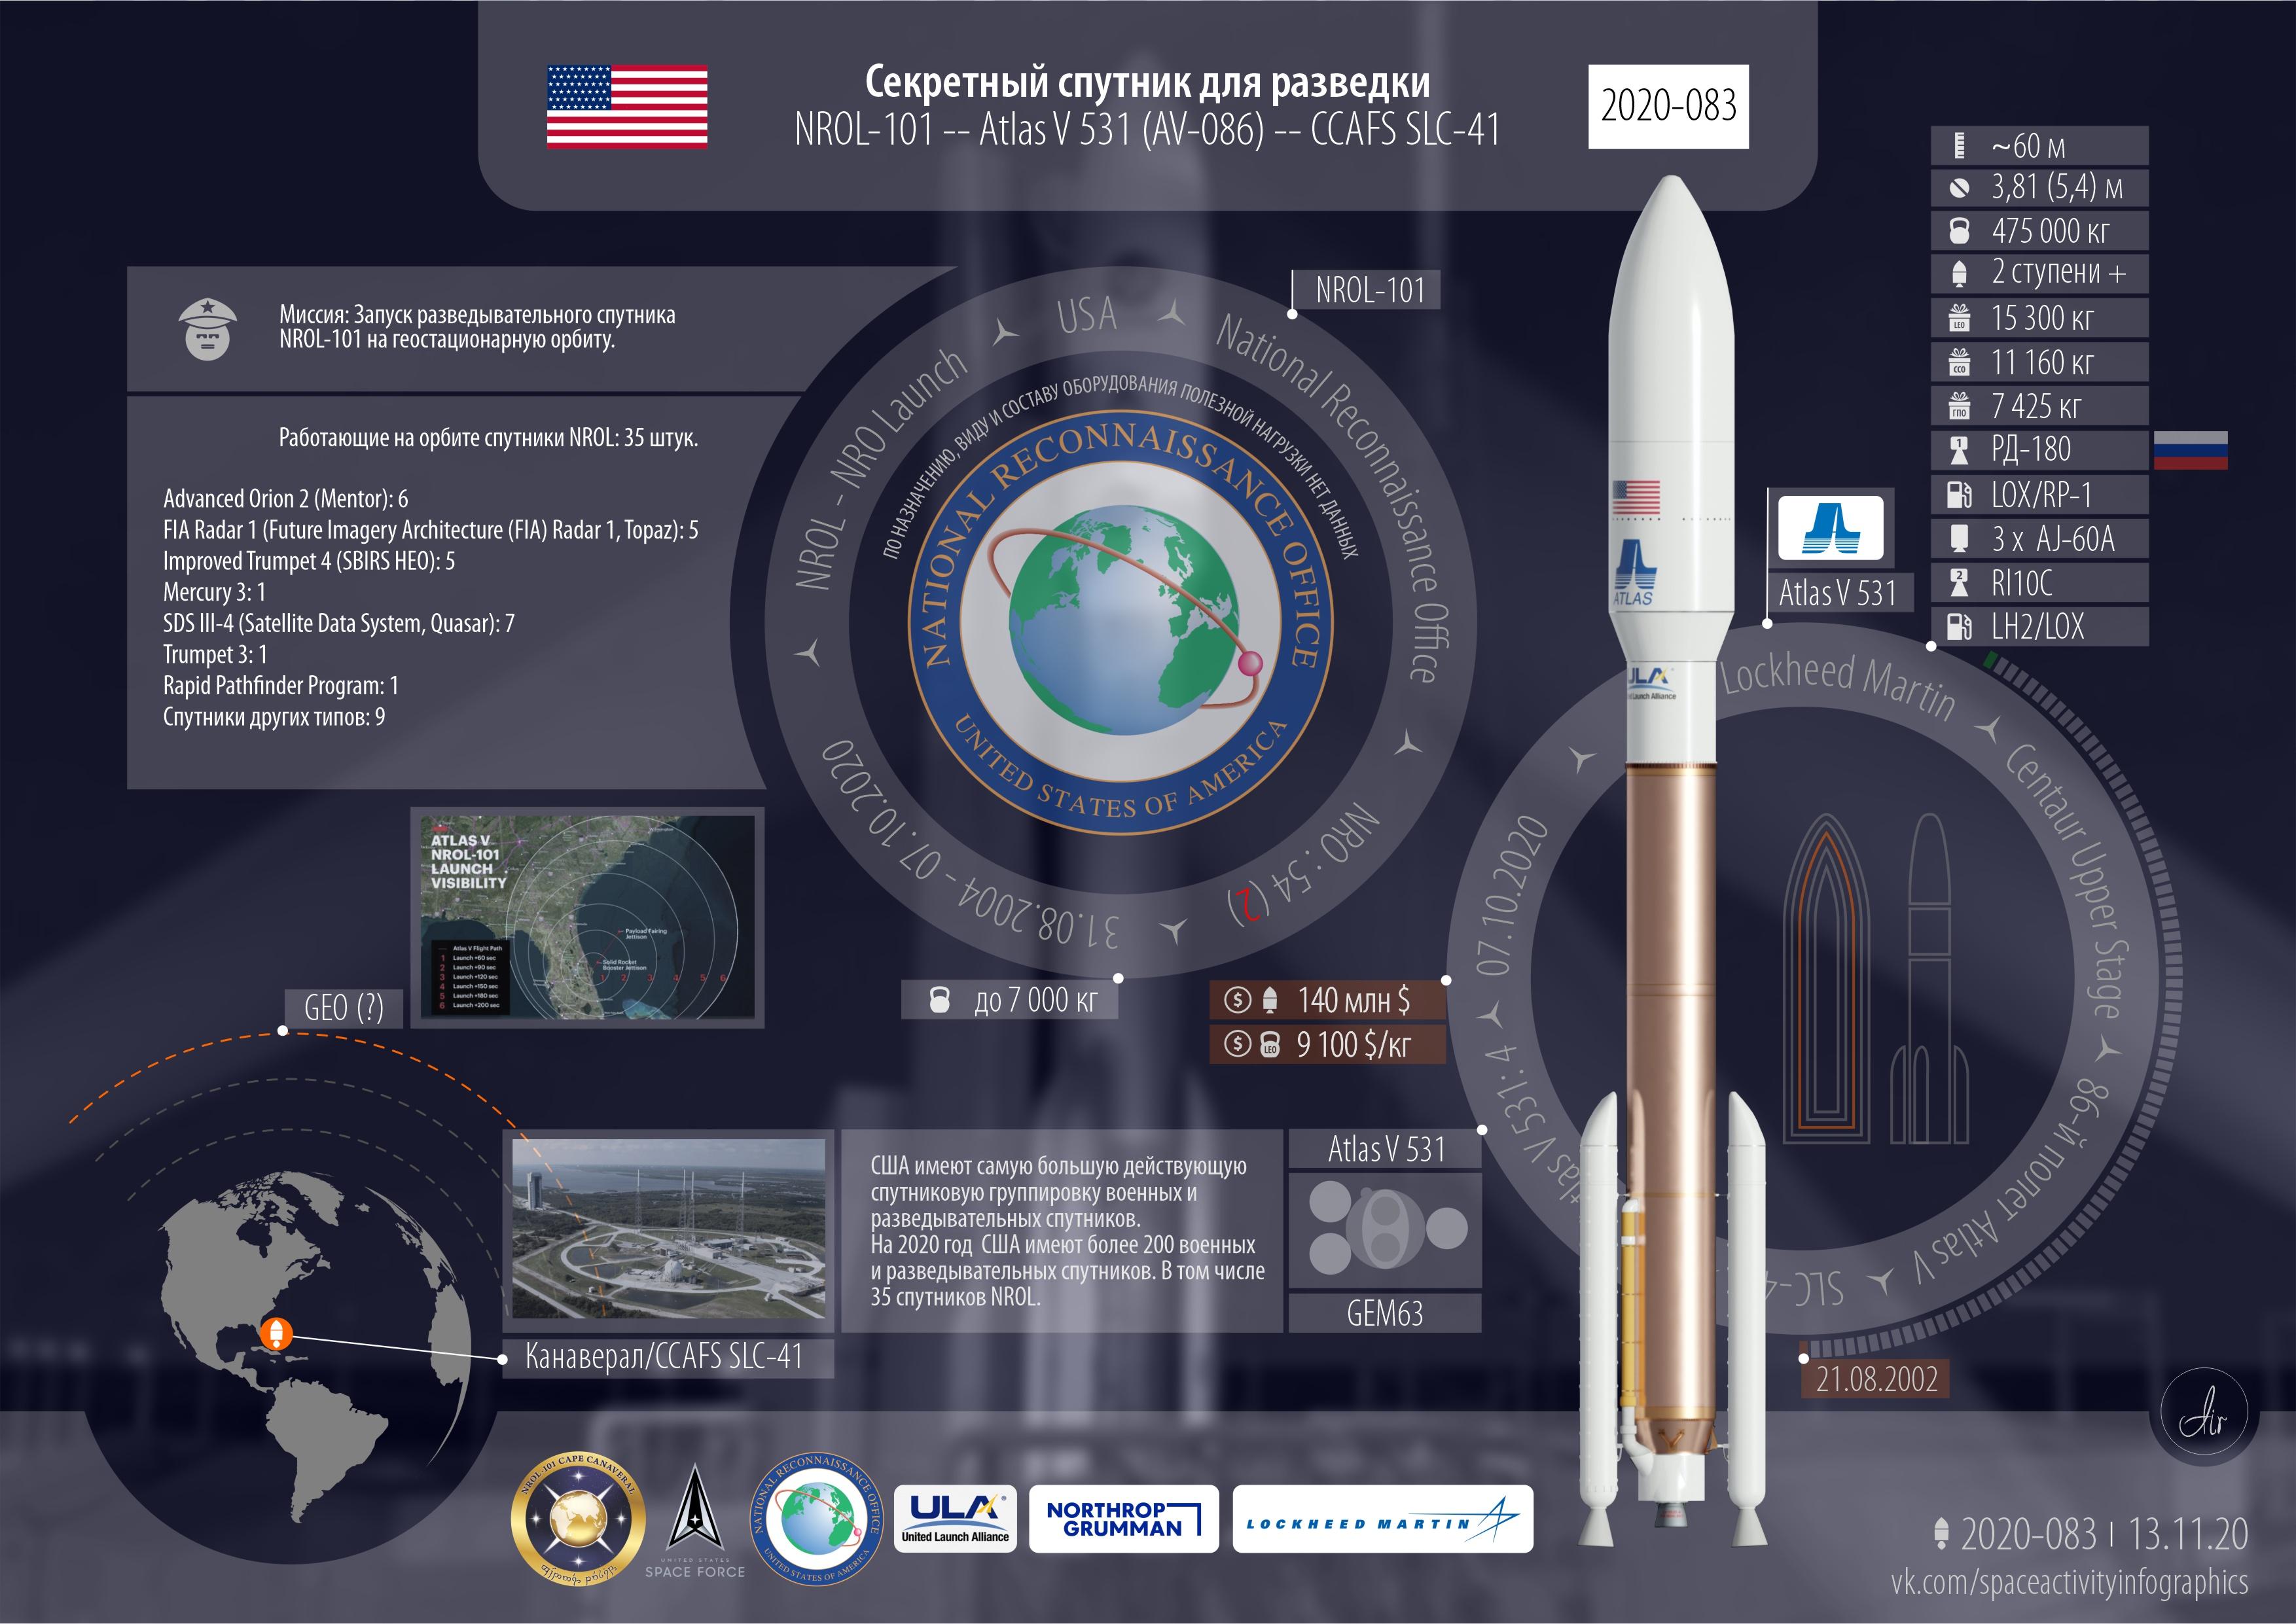 Atlas V 531 | NROL-101